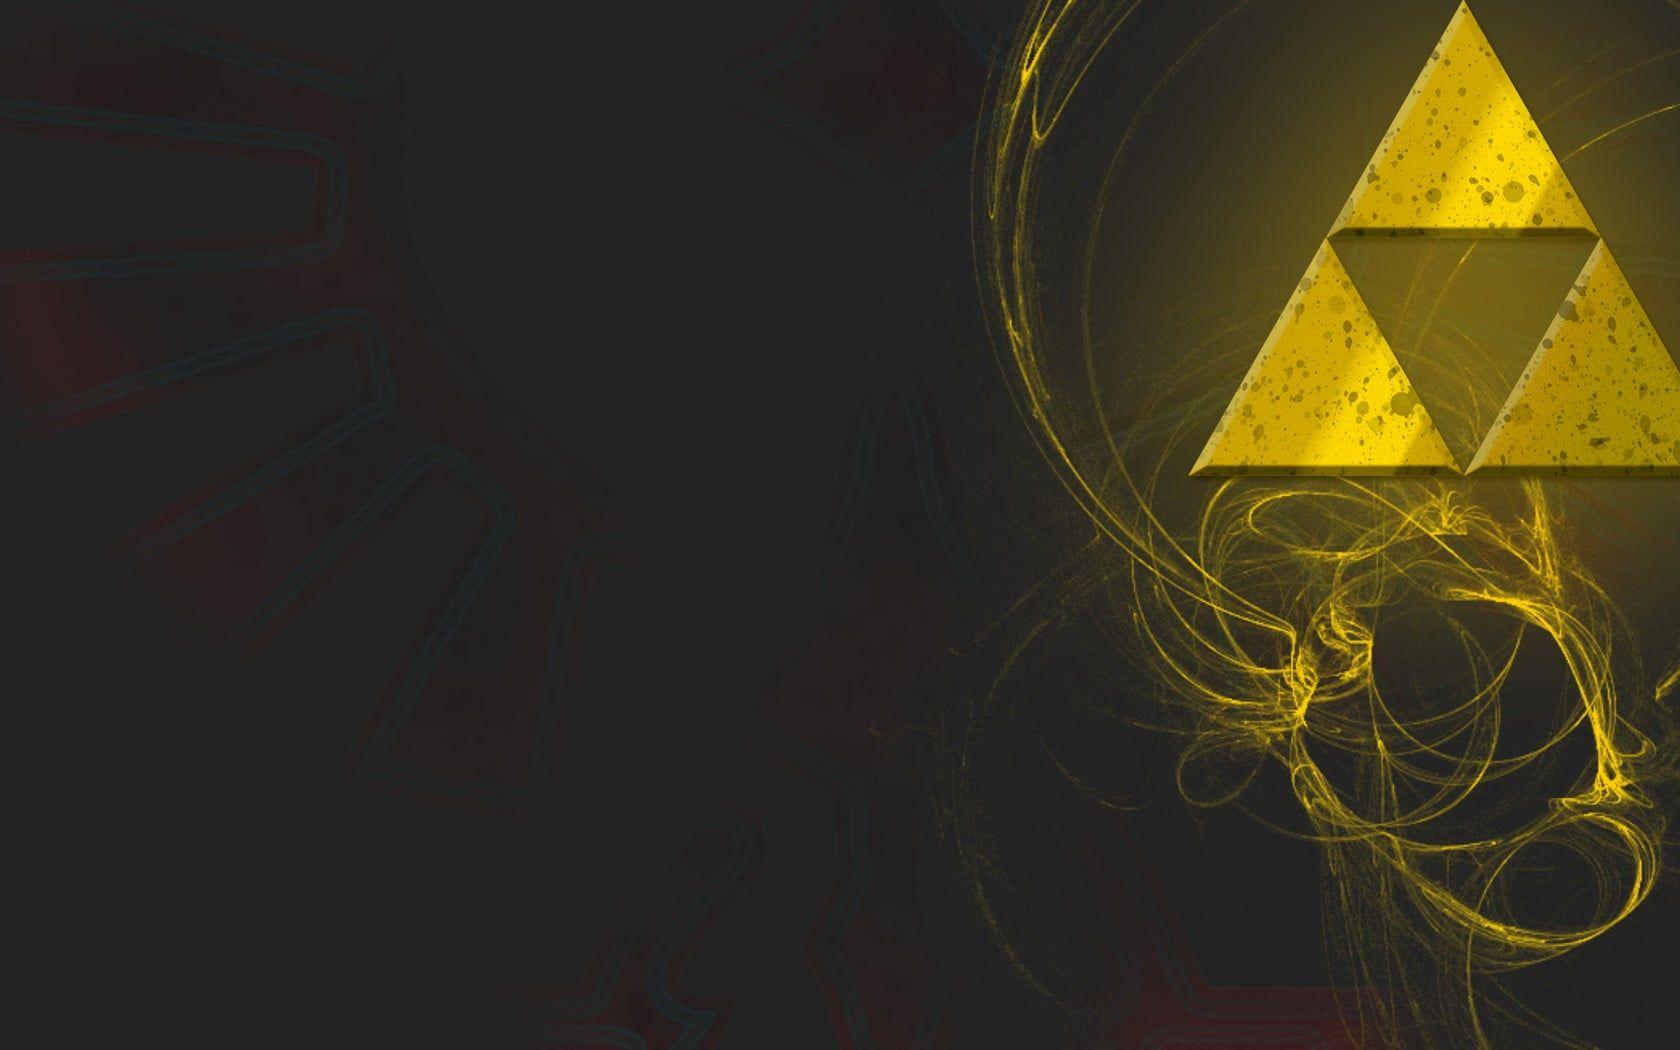 The Legend Of Zelda Logo Digital Wallpaper Triforce Digital Art The Legend Of Zelda Video Games 720p In 2020 Digital Wallpaper Gaming Wallpapers Hd Legend Of Zelda